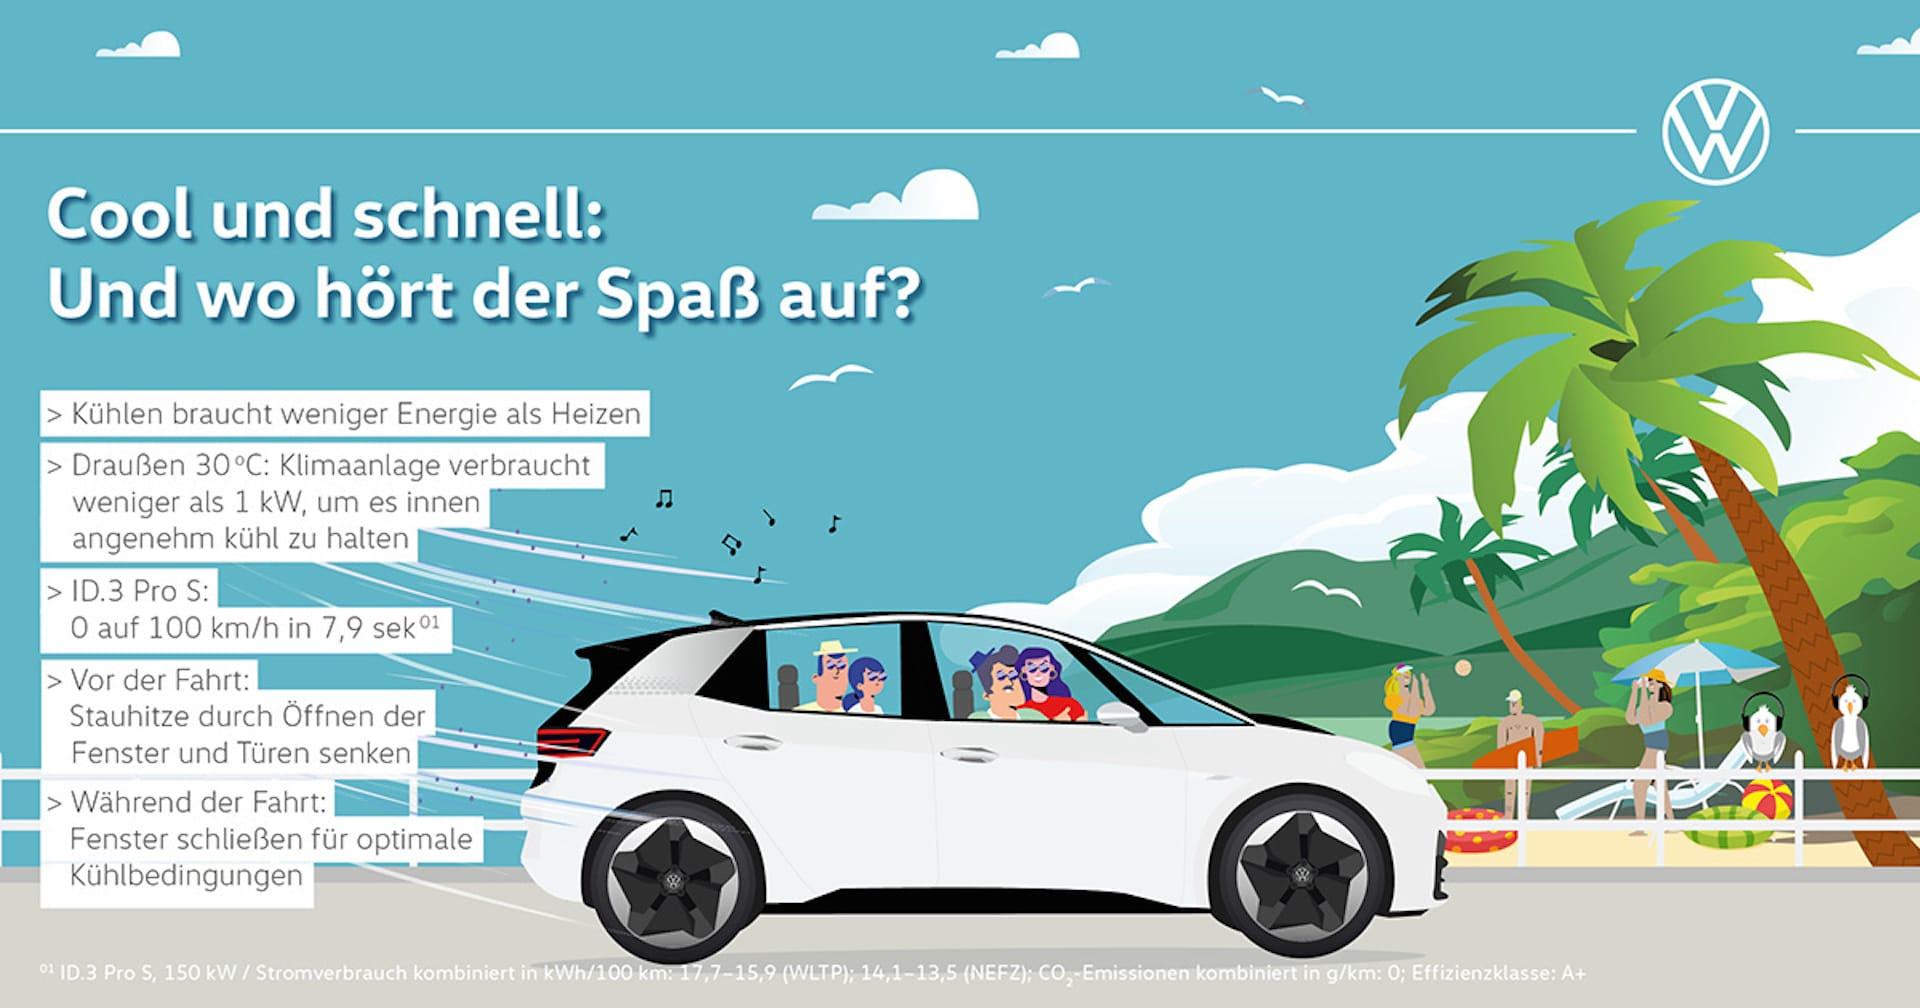 Volkswagen-Elektroauto-Reichweite-Sommer